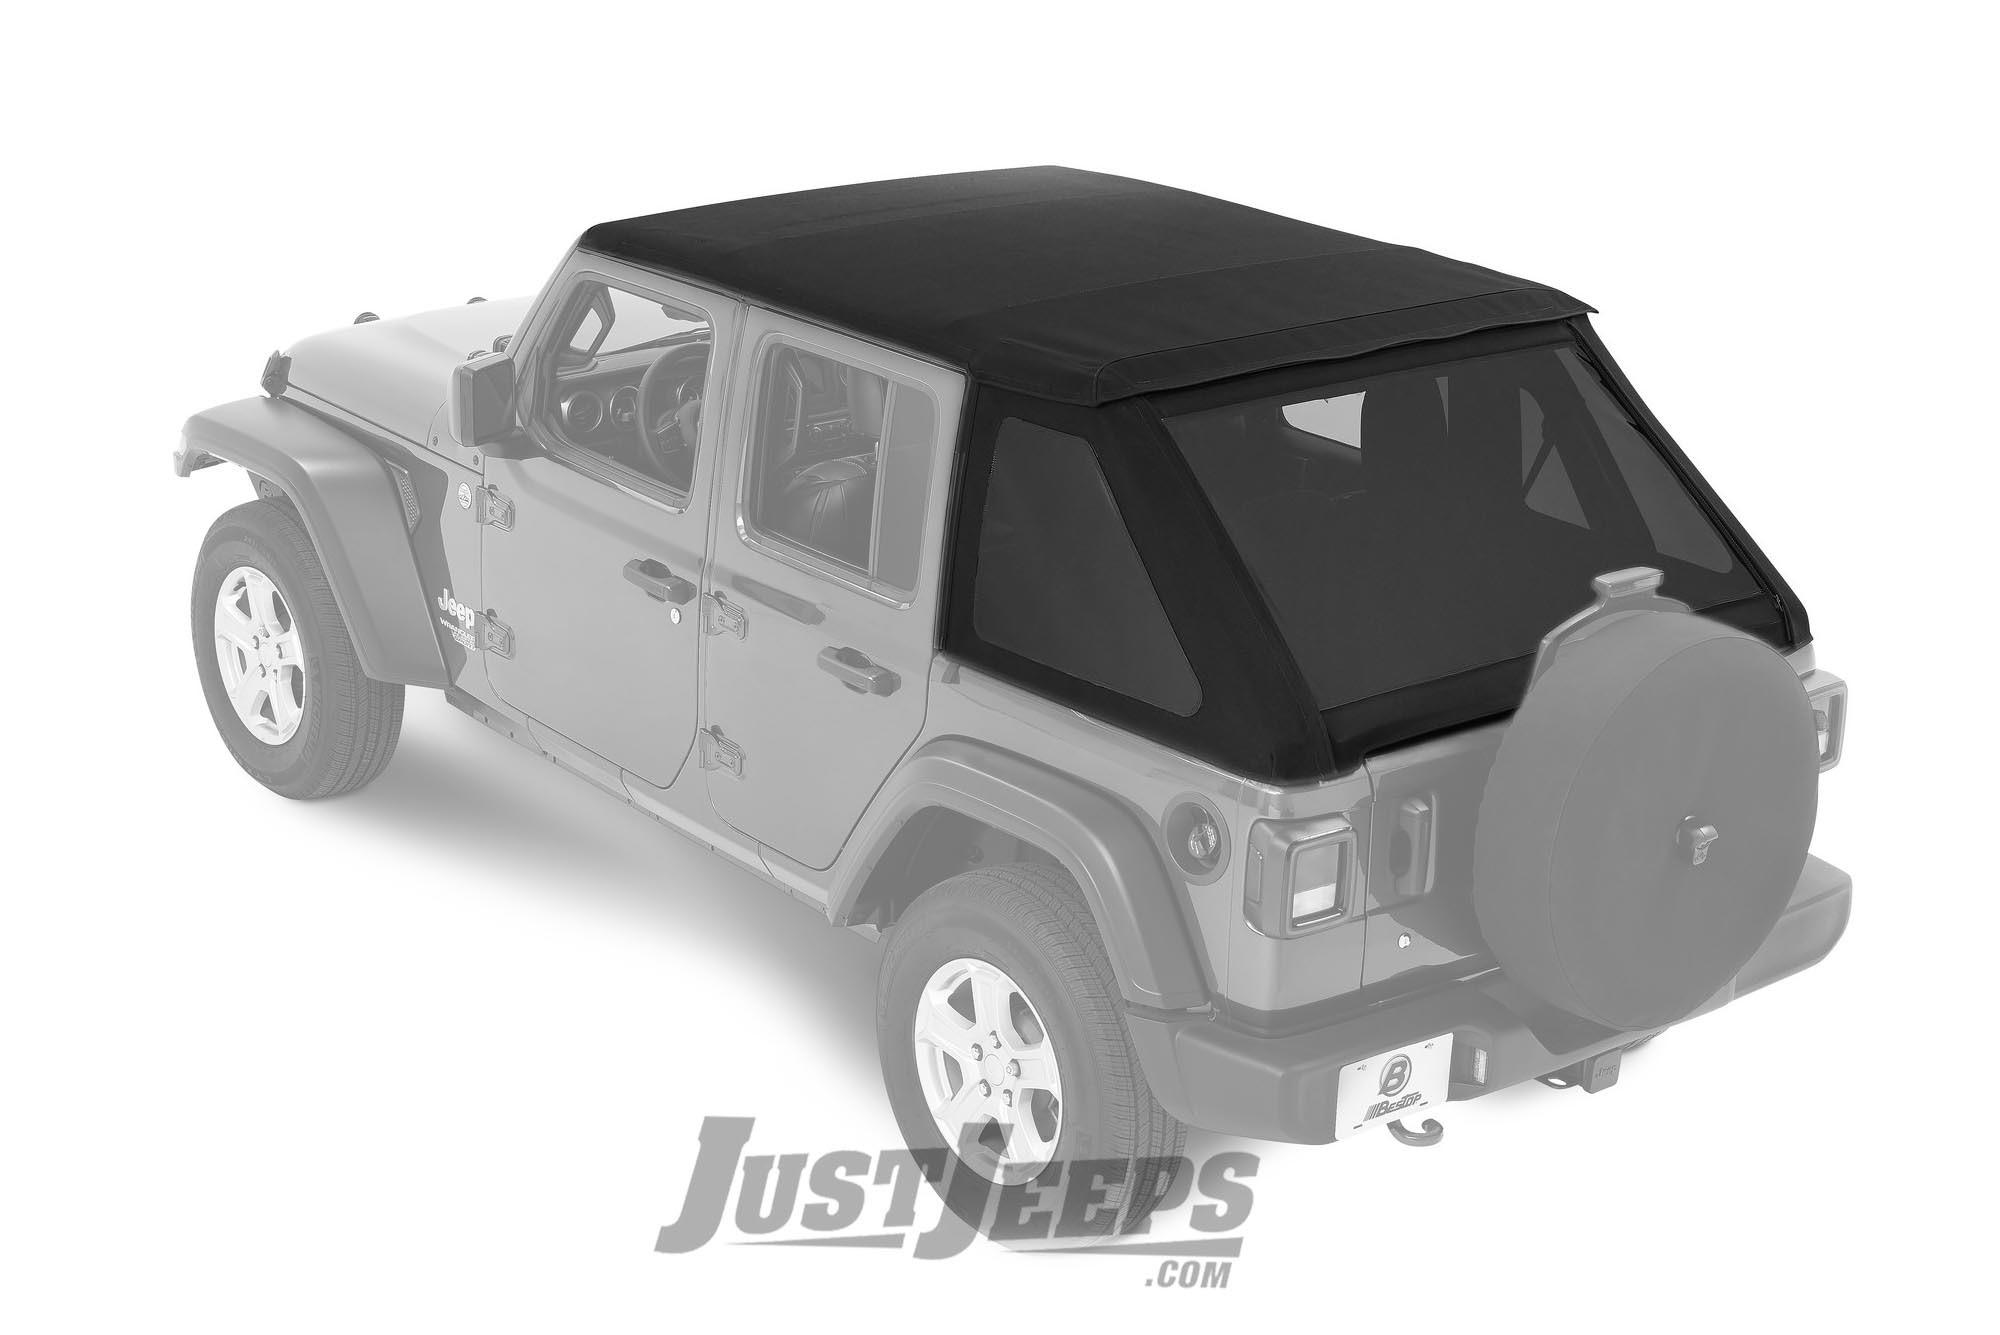 BESTOP Trektop NX Soft Top For 2018+ Jeep Wrangler JL Unlimited 4 Door Models